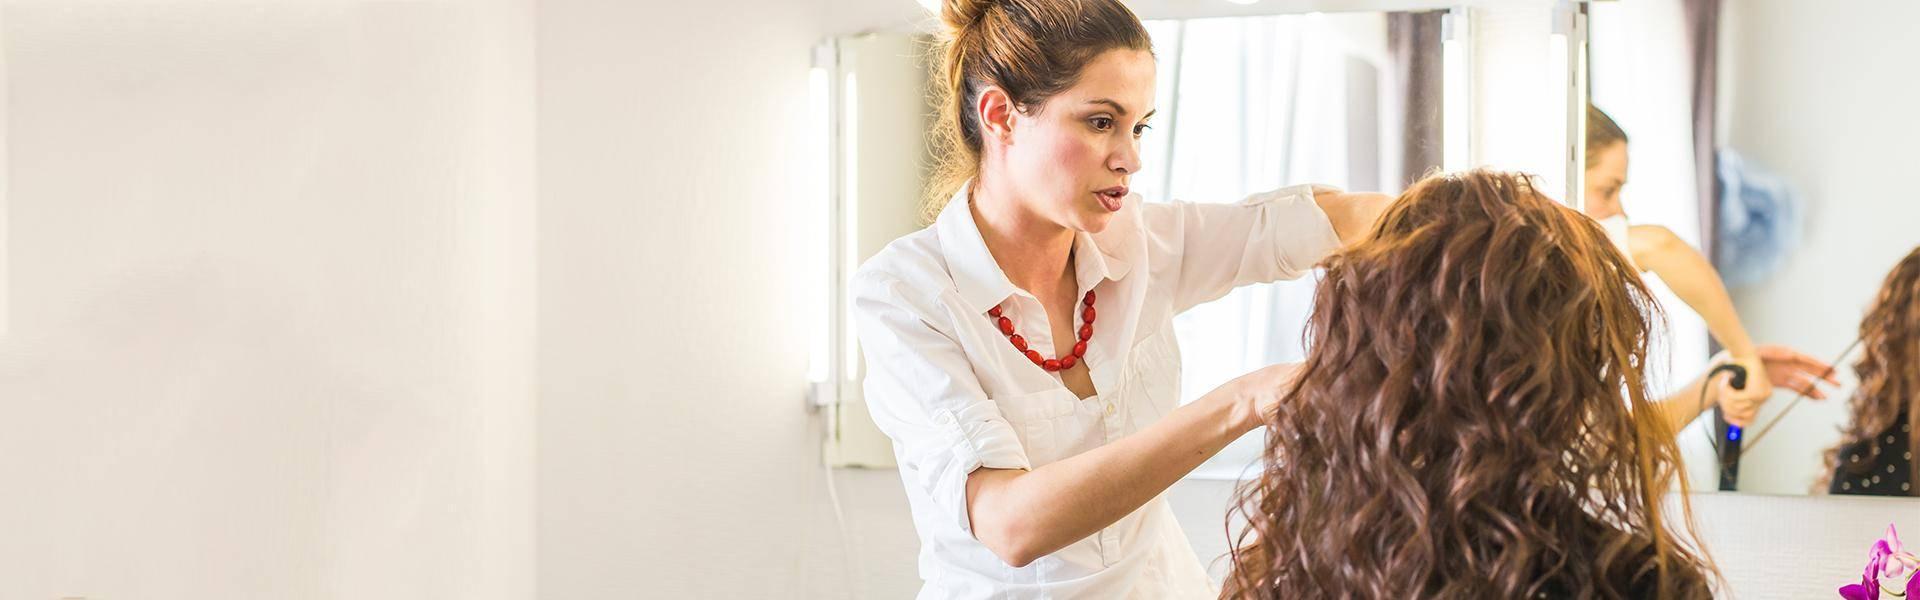 Corsi specialistici casa del parrucchiere